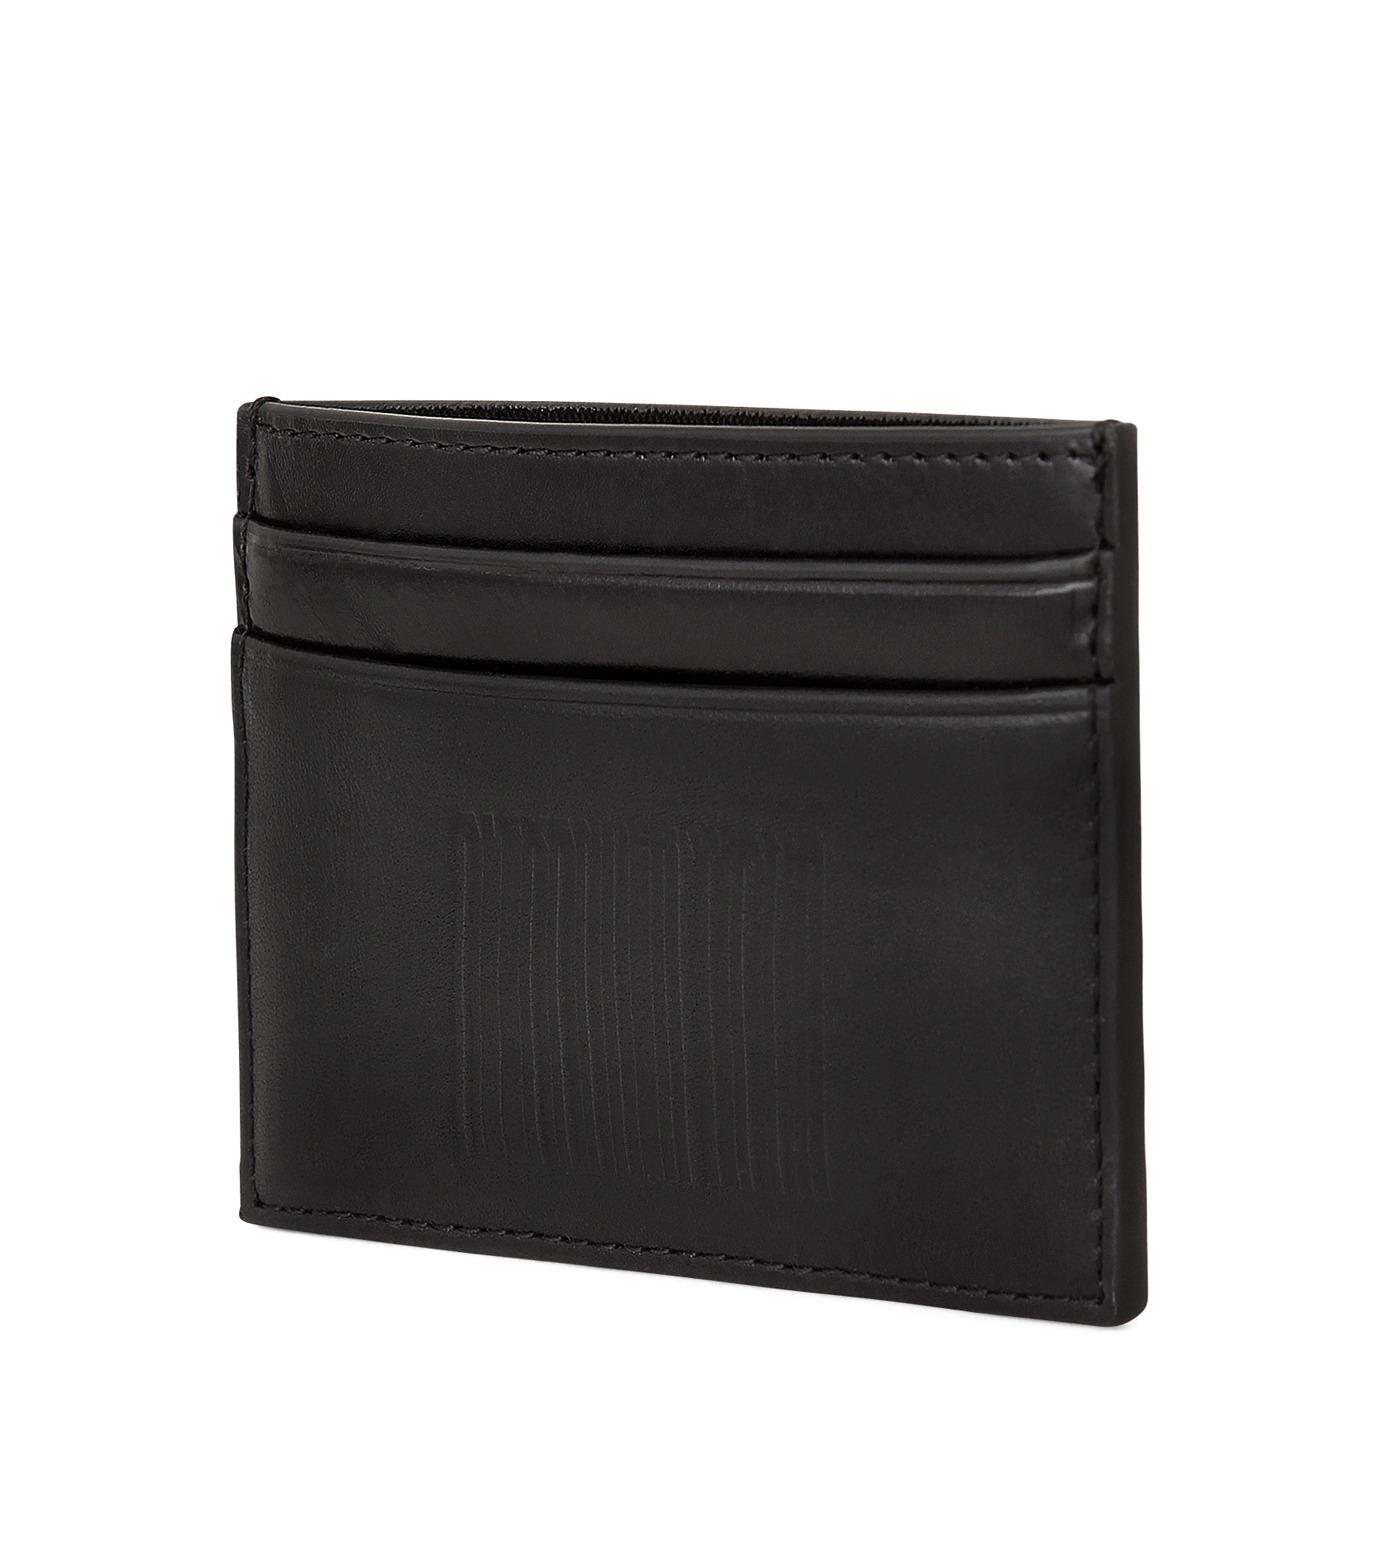 Alexander Wang(アレキサンダーワン)のCardcase-BLACK(WALLETS/WALLETS)-71A0018-13 拡大詳細画像2